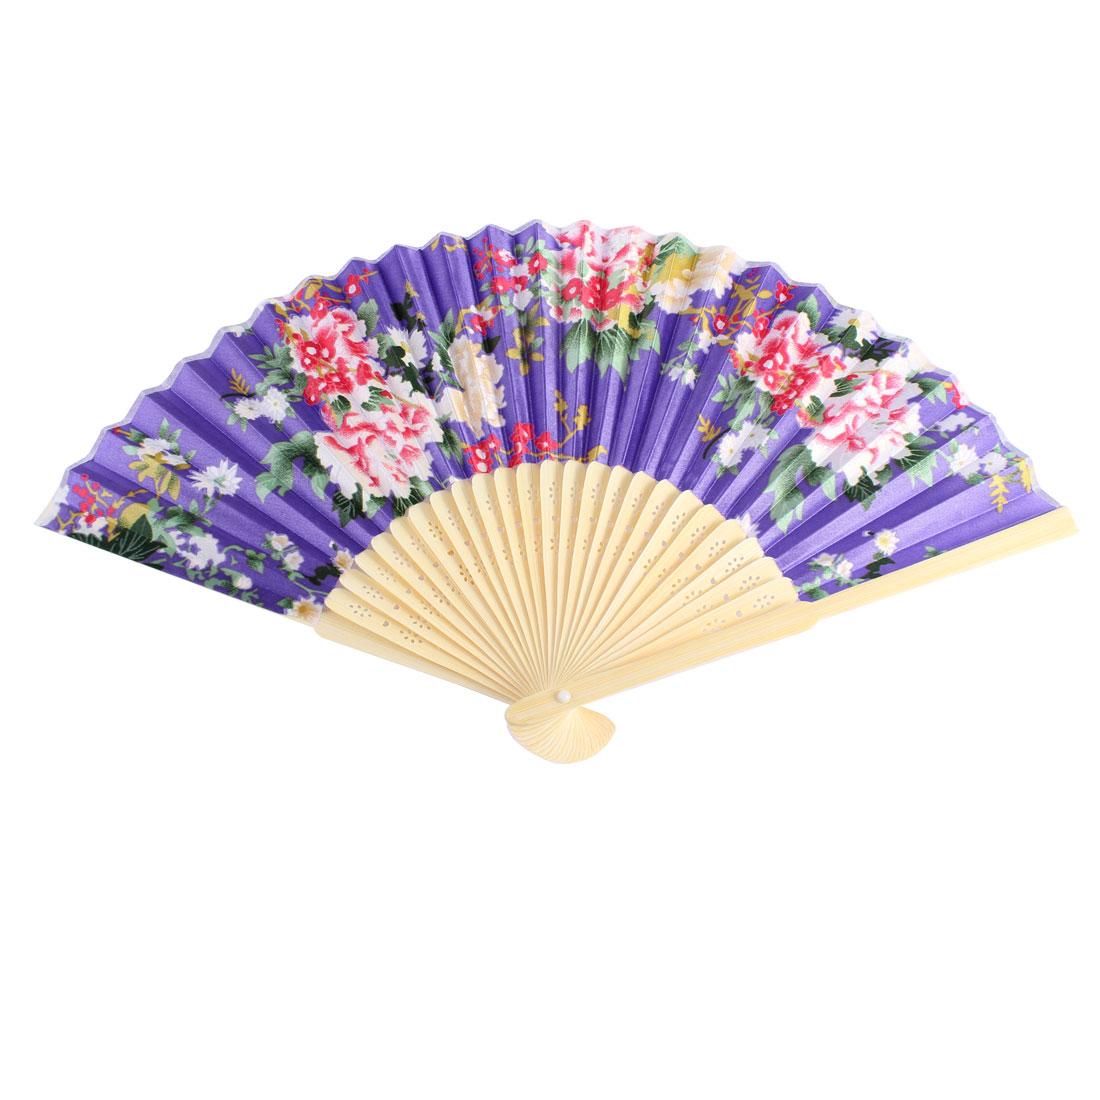 Orient Style Flower Pattern Bamboo Frame Wedding Party Folding Hand Fan Purple - image 3 de 3